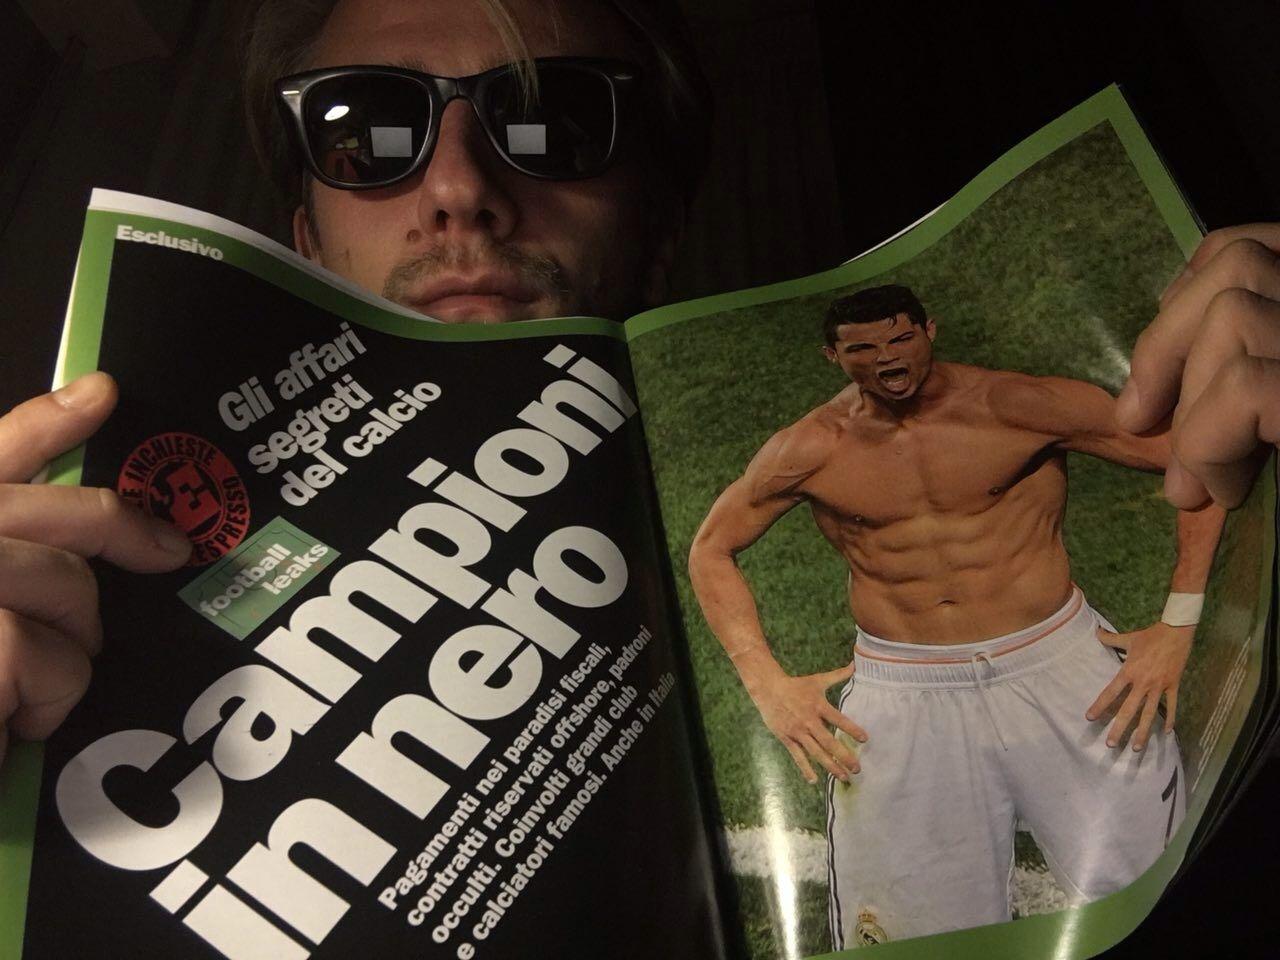 Il Biondo e 'Football Leaks', un'inchiesta... stupefacente!